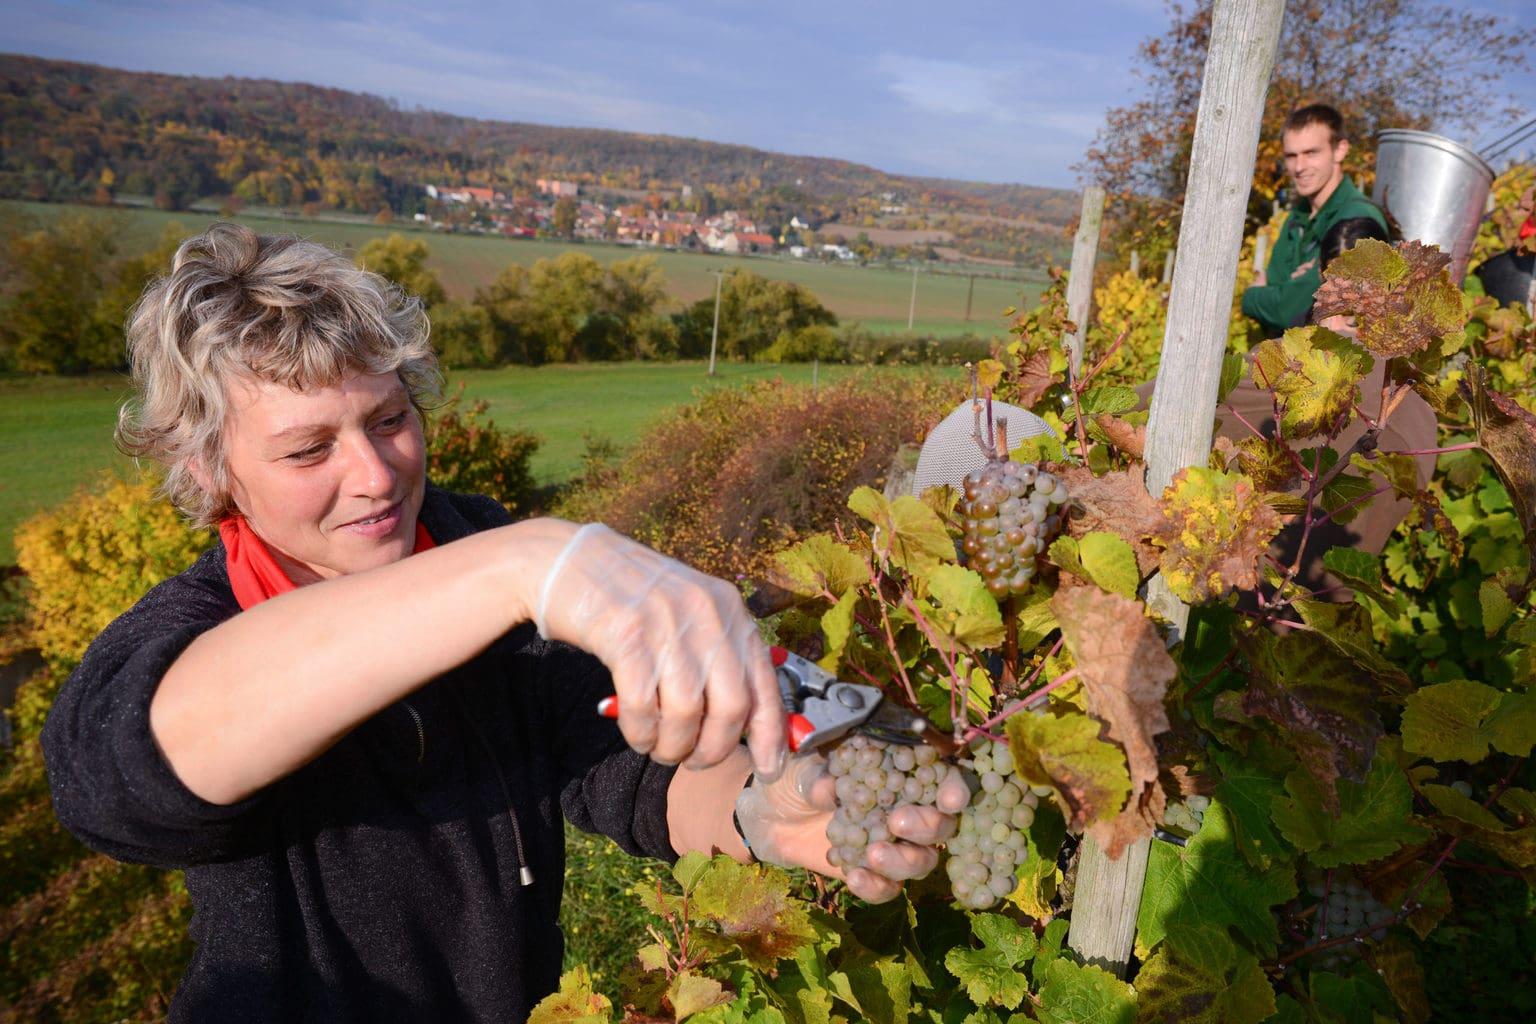 Vrouw tijdens de wijnoogst in de regio Saale-Unstrut